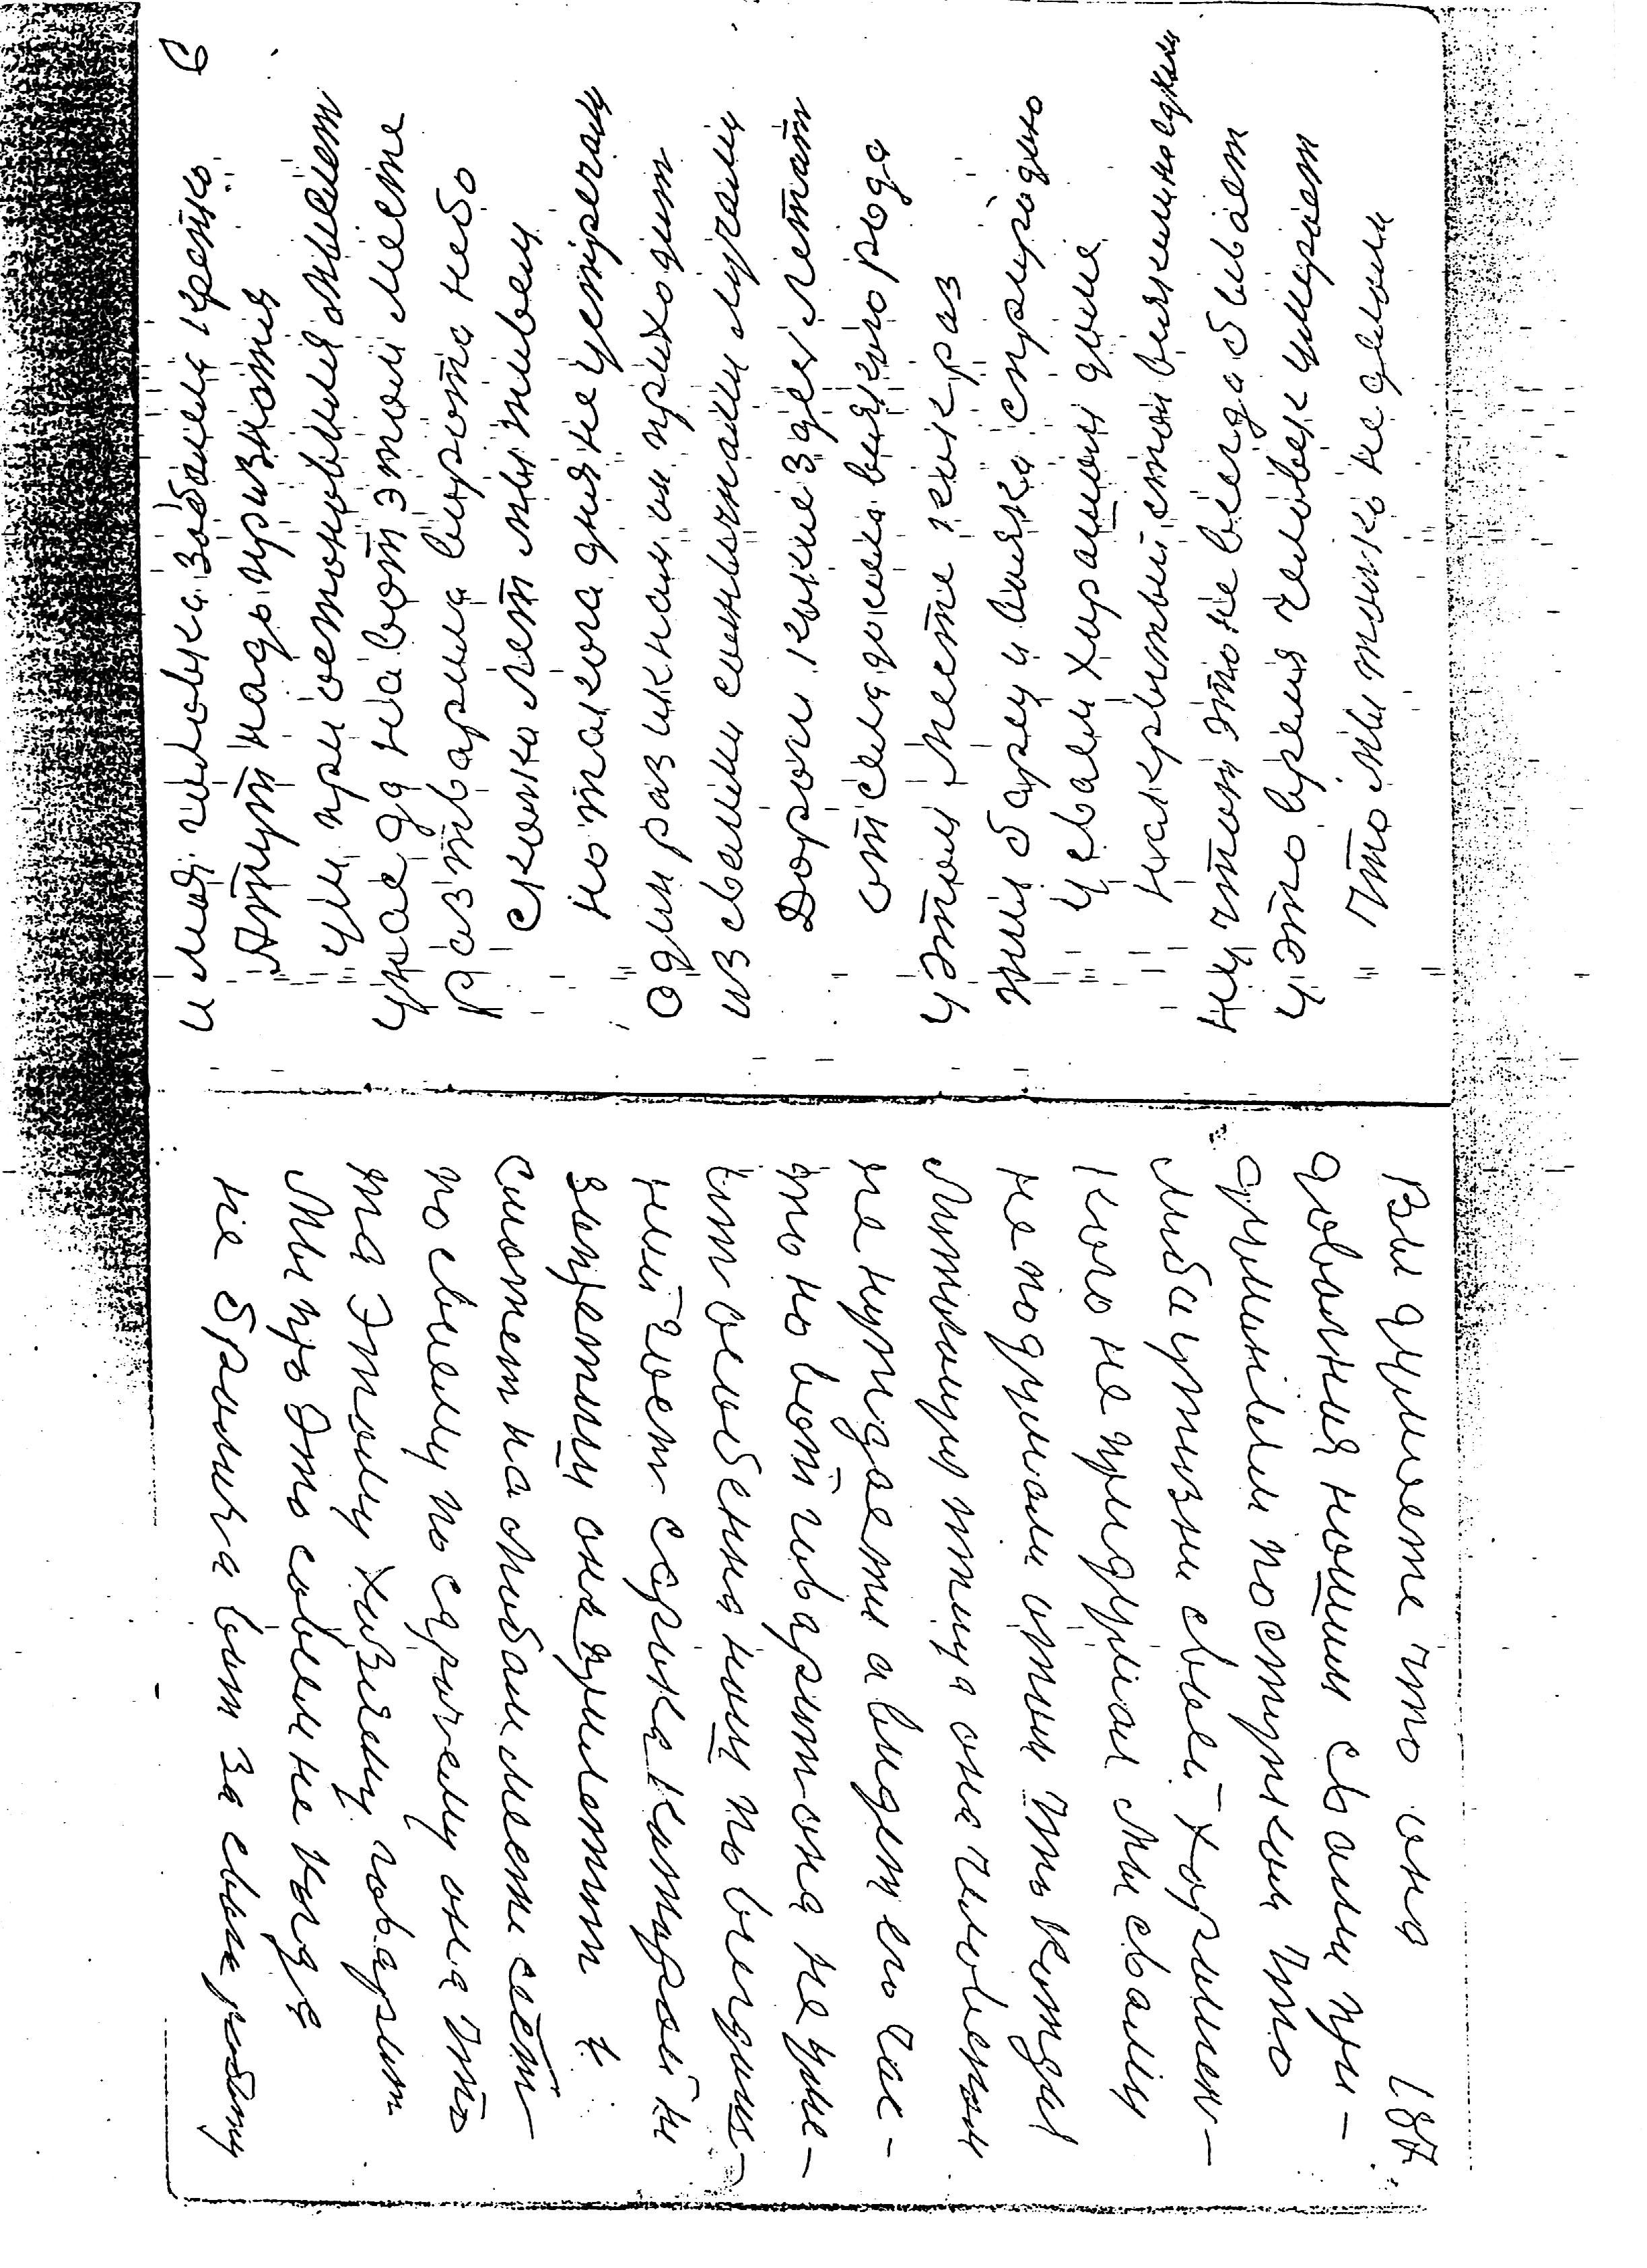 06-187.jpg